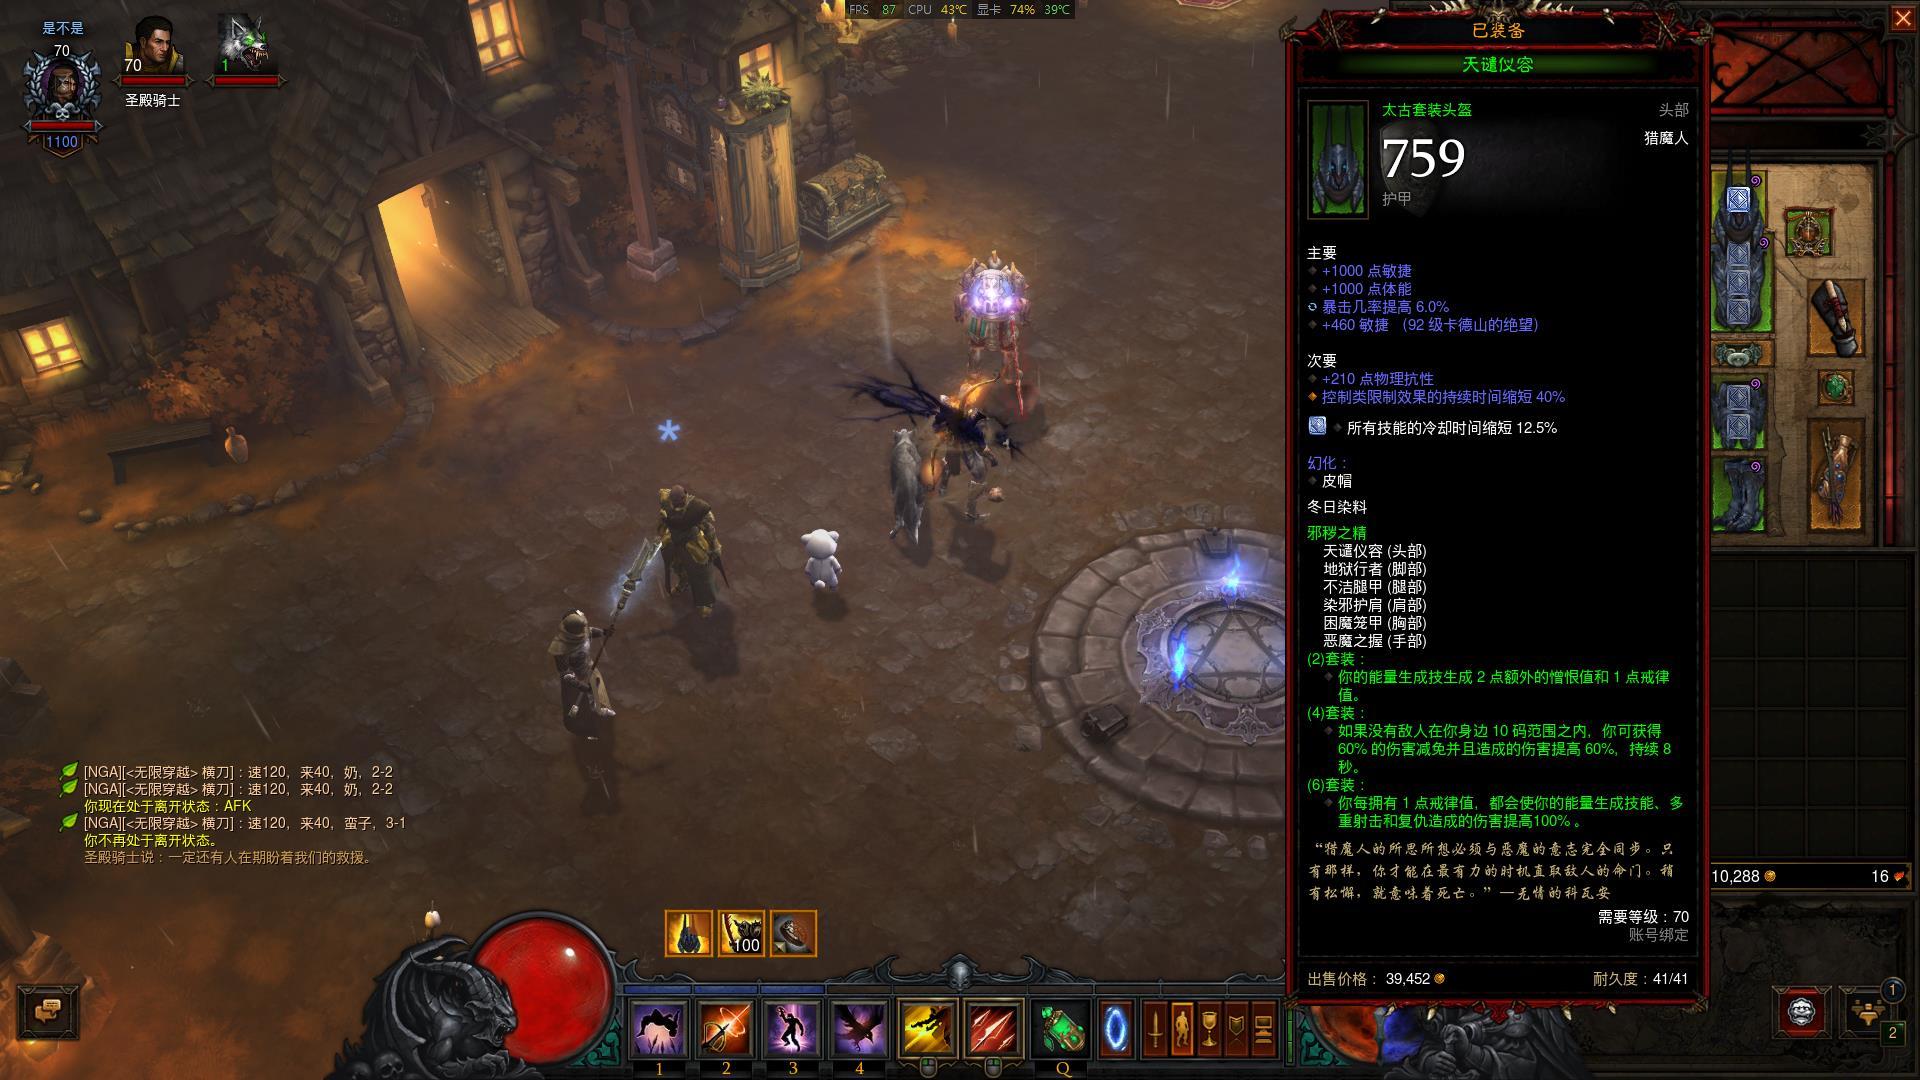 Diablo III64-11-12-53-31-484.jpg